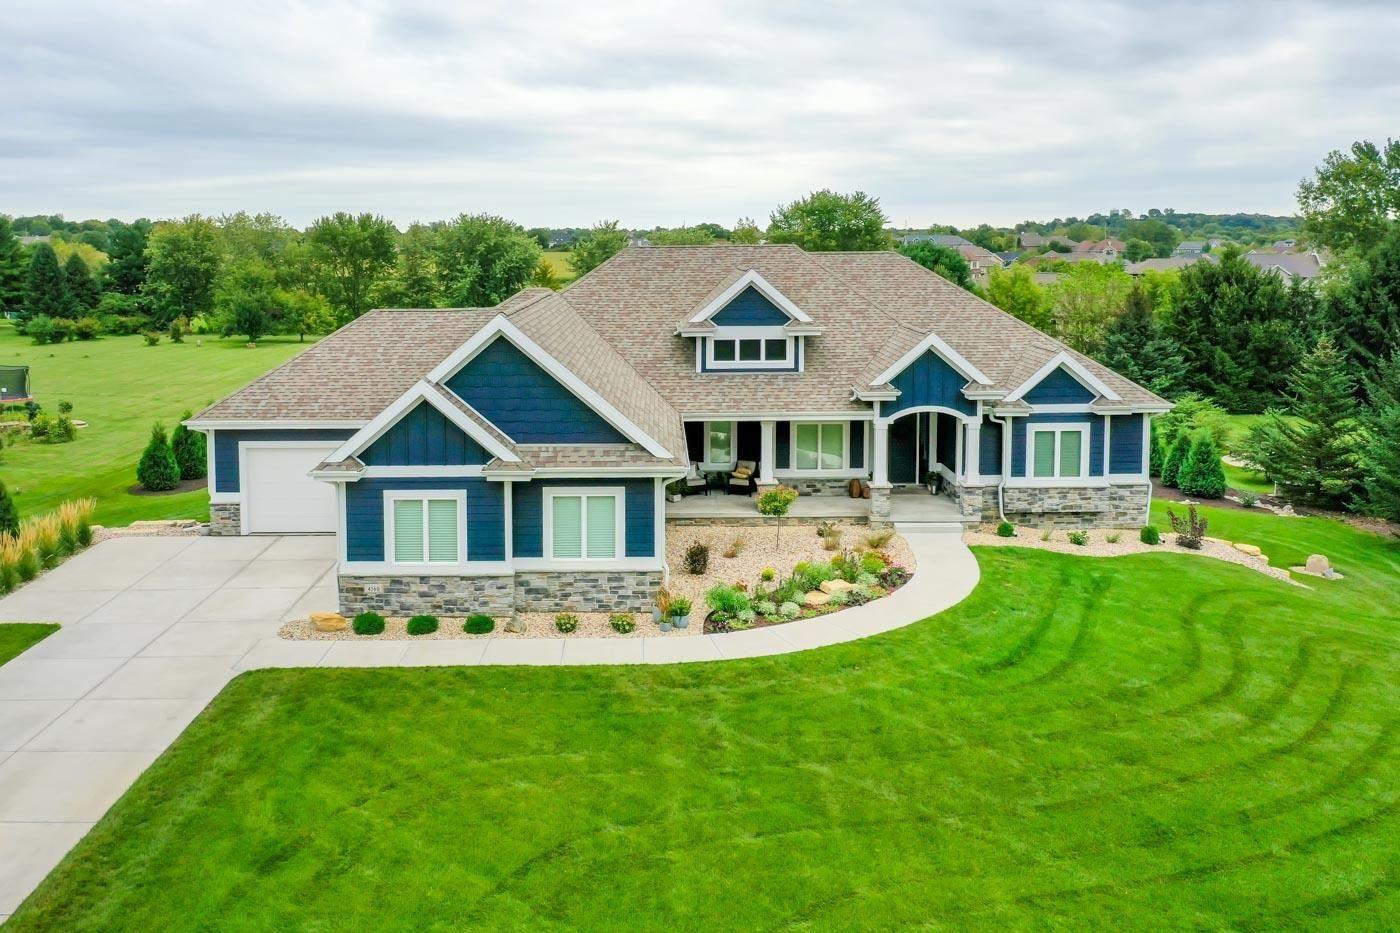 4560 Sandpiper Tr, Cottage Grove, WI 53527 - #: 1917907